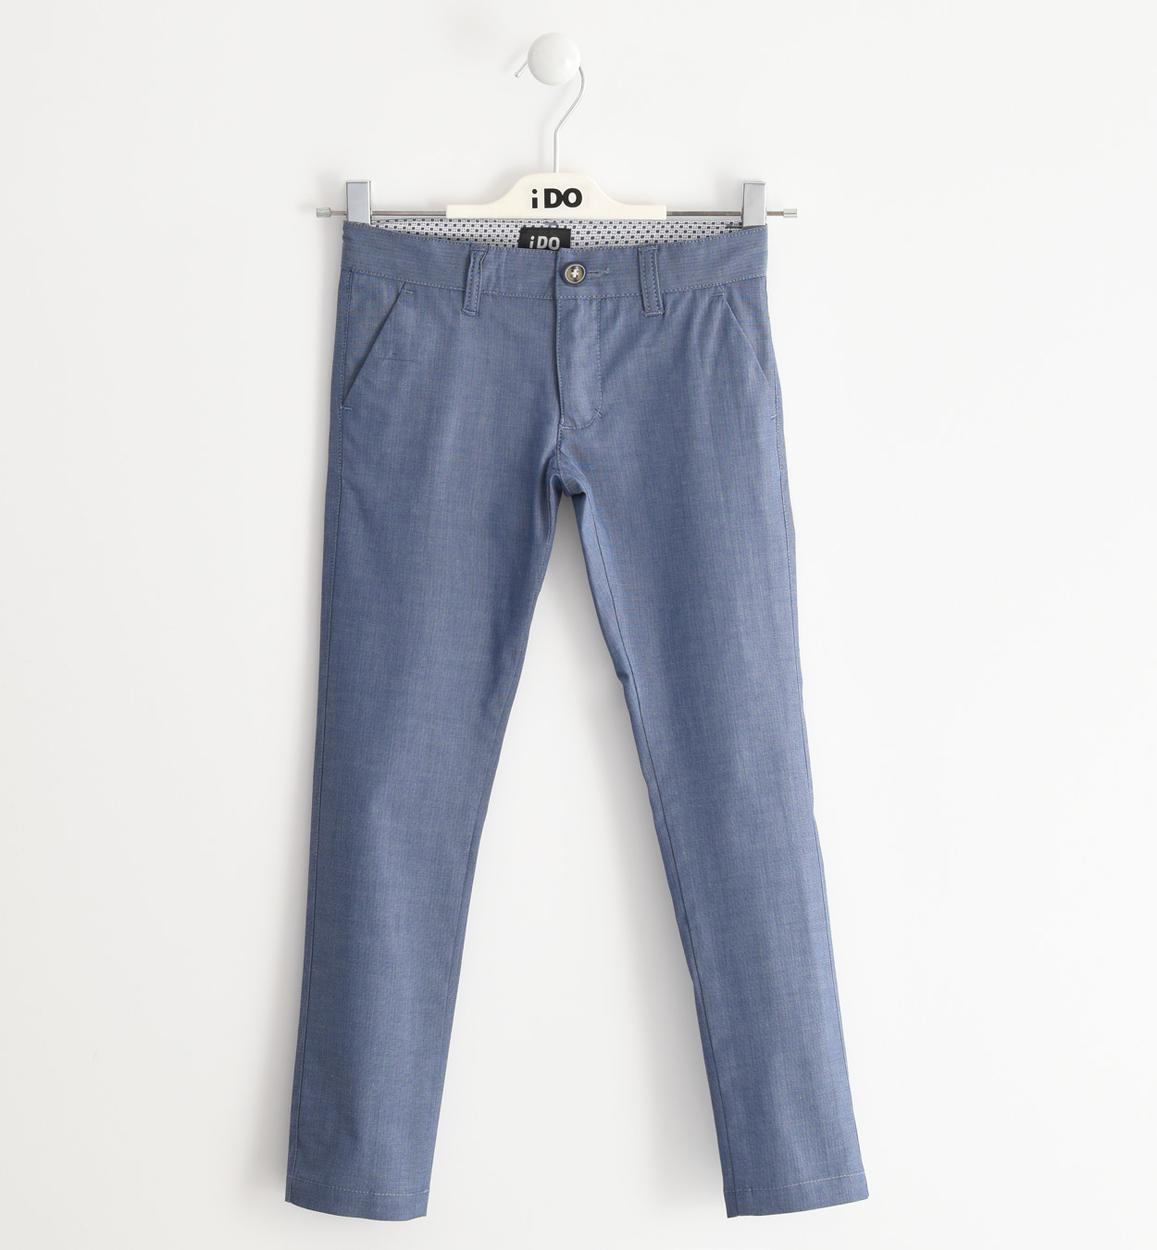 pantalone in elegante tessuto di cotone avion retro 02 2524j42200 3654